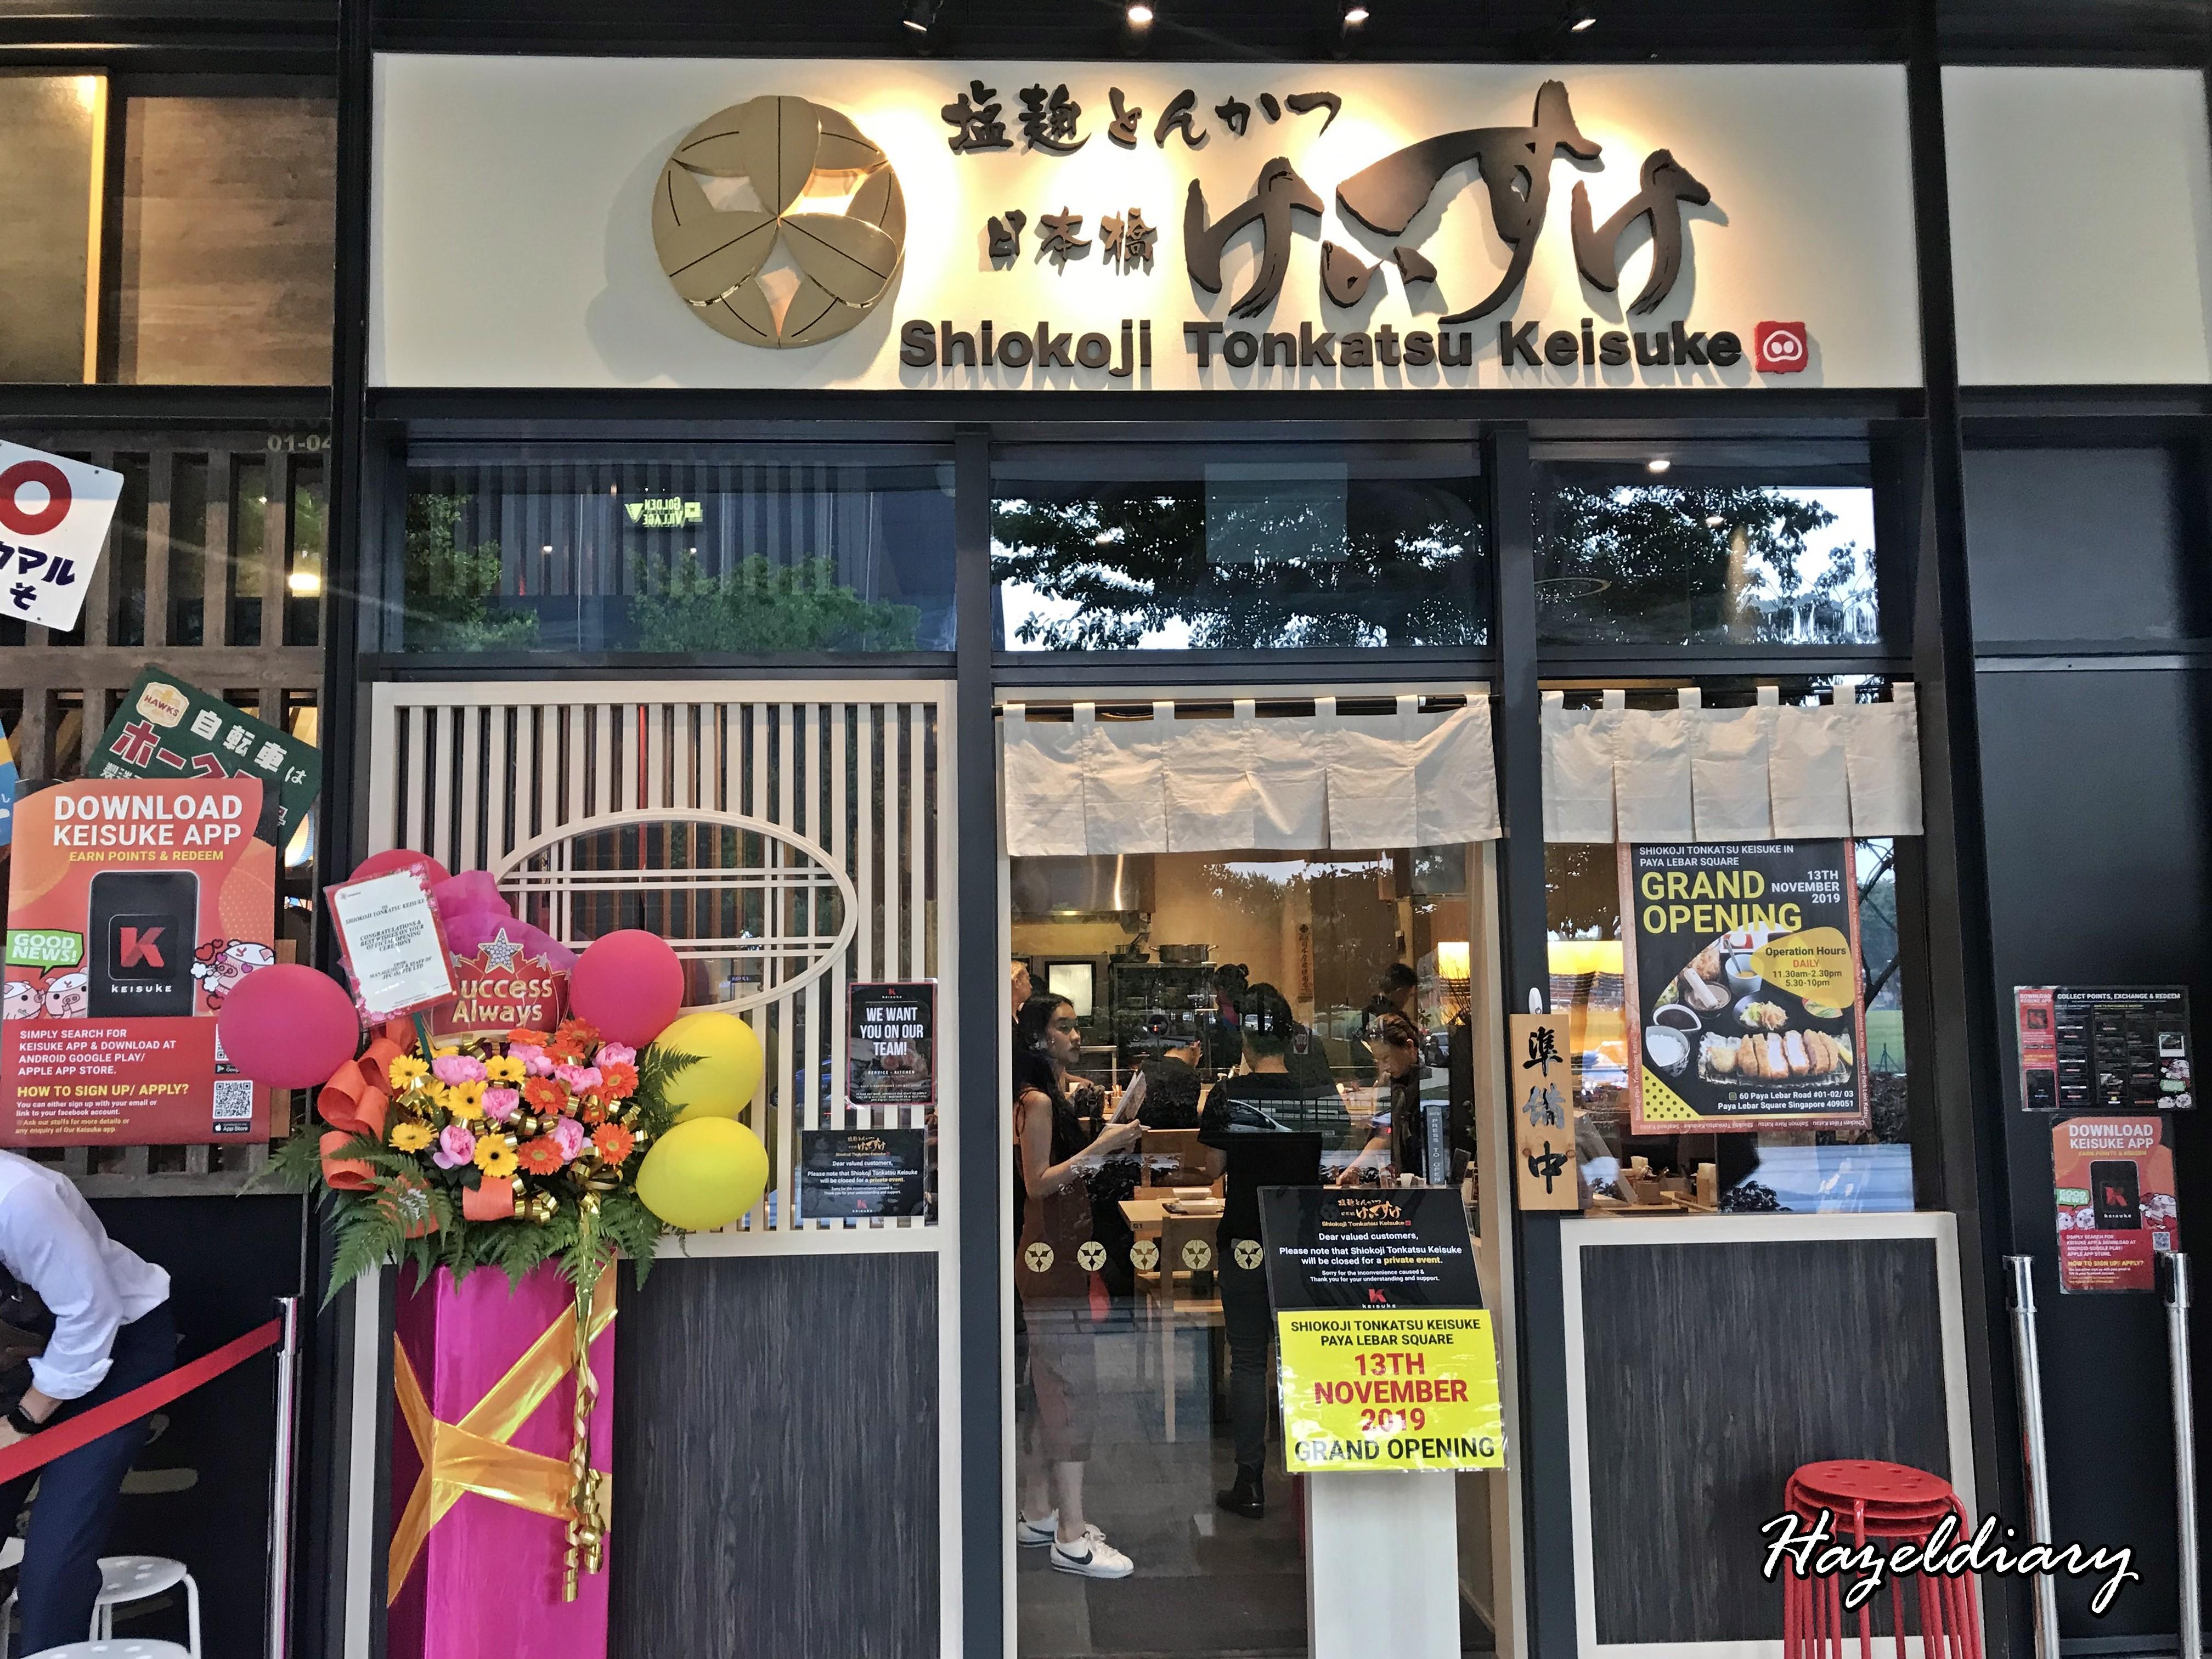 [SG EATS] Shiokoji Tonkatsu Keisuke At Paya Lebar Square- Tonkatsu Restaurant With Free-Flow Salad Bar